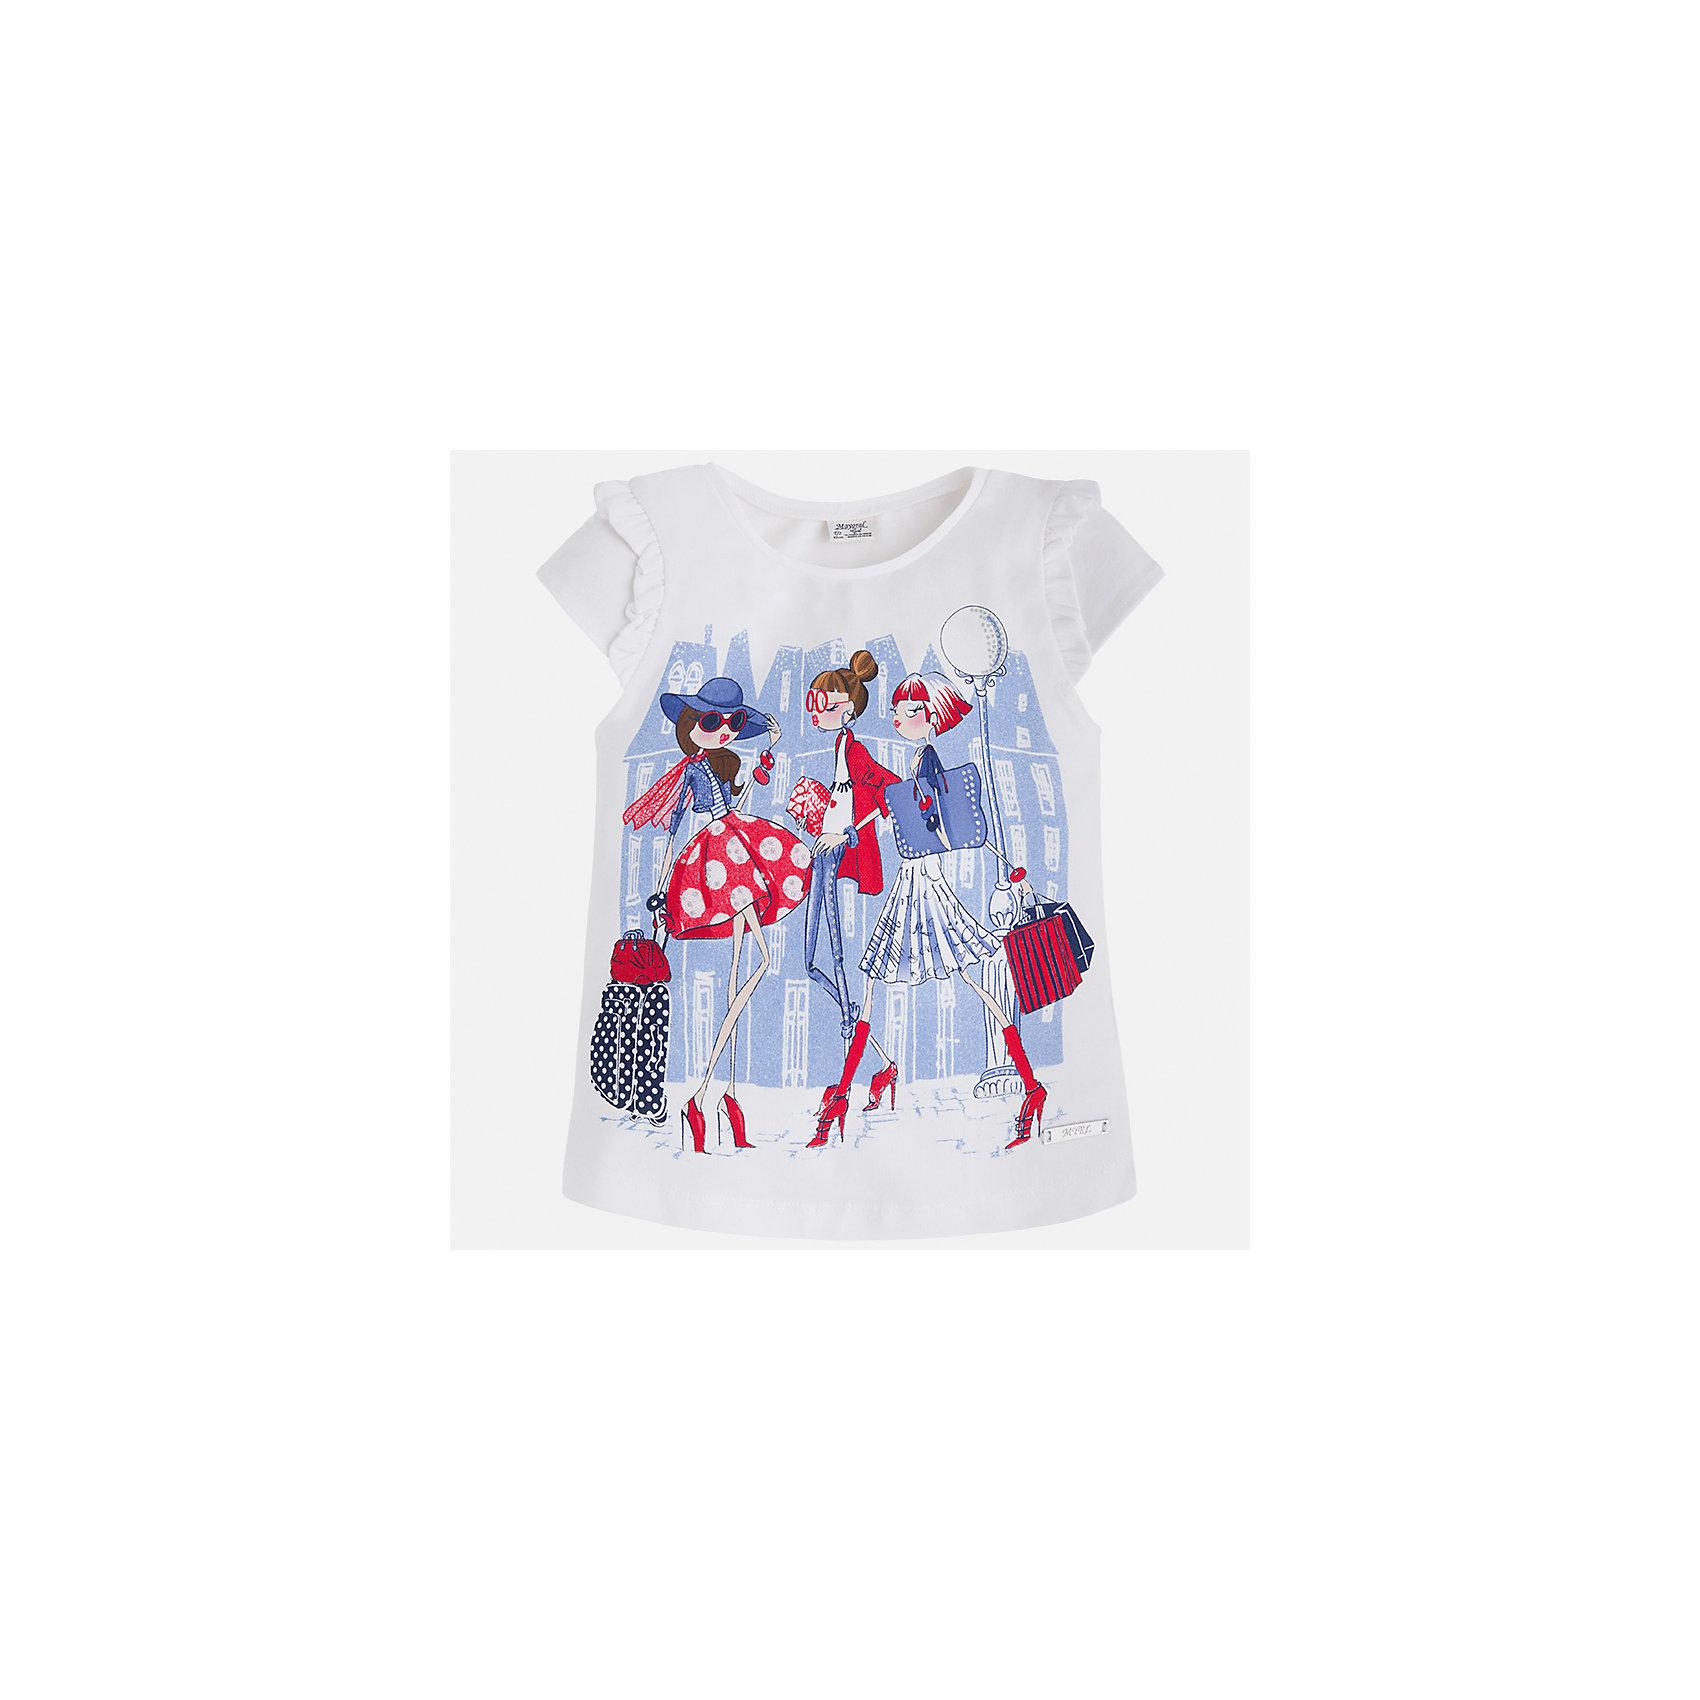 Футболка для девочки MayoralФутболки, поло и топы<br>Характеристики товара:<br><br>• цвет: белый<br>• состав: 98% хлопок, 2% эластан<br>• принт<br>• оборки на рукавах<br>• короткие рукава<br>• округлый горловой вырез<br>• страна бренда: Испания<br><br>Стильная качественная футболка для девочки поможет разнообразить гардероб ребенка и украсить наряд. Она отлично сочетается и с юбками, и с шортами, и с брюками. Универсальный цвет позволяет подобрать к вещи низ практически любой расцветки. Интересная отделка модели делает её нарядной и оригинальной. В составе ткани преобладает натуральный хлопок, гипоаллергенный, приятный на ощупь, дышащий.<br><br>Одежда, обувь и аксессуары от испанского бренда Mayoral полюбились детям и взрослым по всему миру. Модели этой марки - стильные и удобные. Для их производства используются только безопасные, качественные материалы и фурнитура. Порадуйте ребенка модными и красивыми вещами от Mayoral! <br><br>Футболку для девочки от испанского бренда Mayoral (Майорал) можно купить в нашем интернет-магазине.<br><br>Ширина мм: 199<br>Глубина мм: 10<br>Высота мм: 161<br>Вес г: 151<br>Цвет: красный<br>Возраст от месяцев: 96<br>Возраст до месяцев: 108<br>Пол: Женский<br>Возраст: Детский<br>Размер: 134,92,98,104,110,116,122,128<br>SKU: 5289307